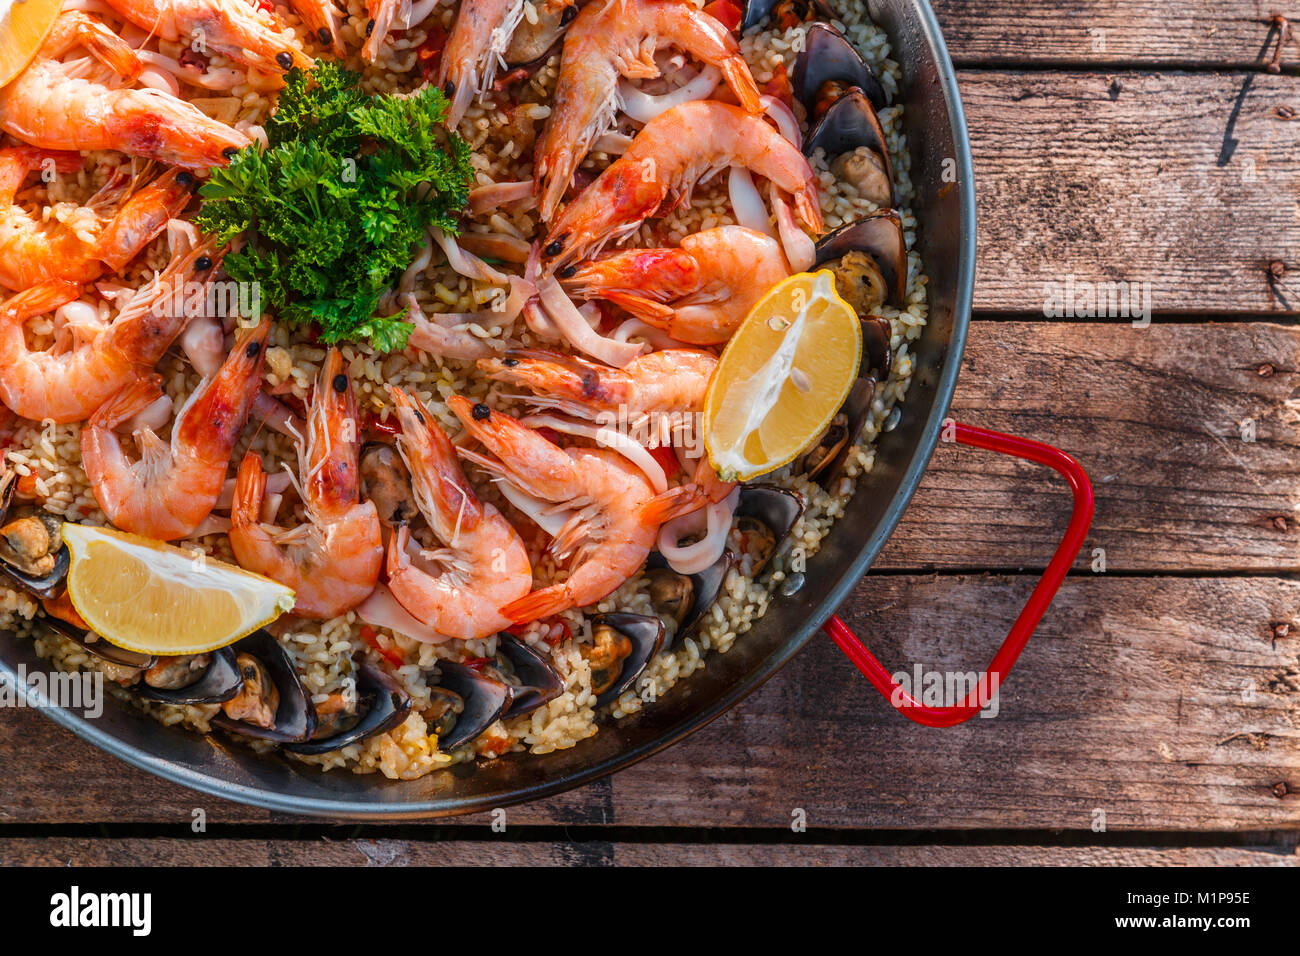 Traditionellen Meeresfrüchte Paella in der Pfanne anbraten, auf einem alten Holztisch, Ansicht von oben Stockbild